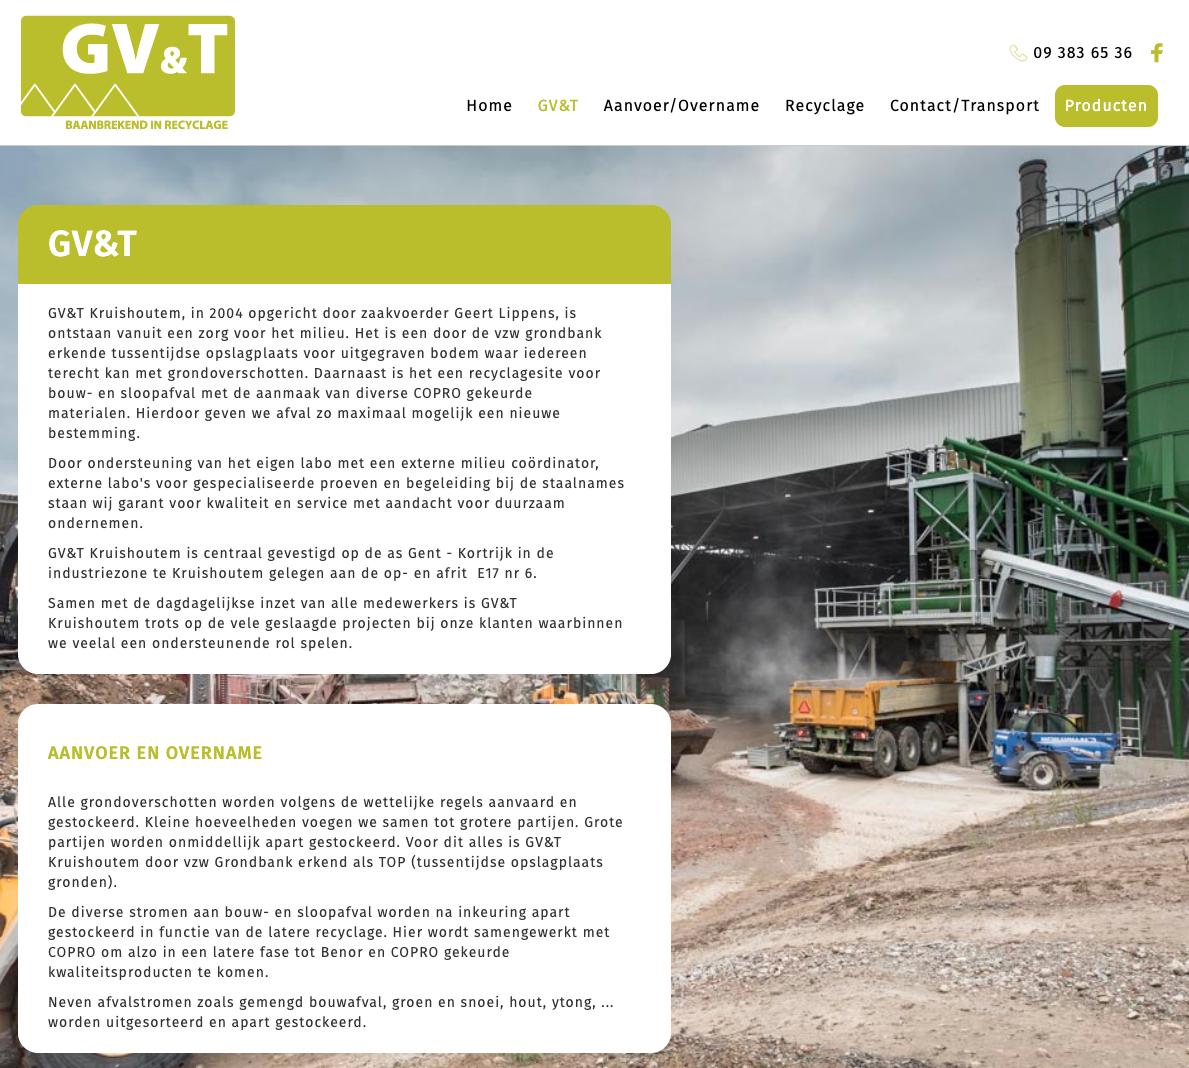 GV&T - Baanbrekend in recyclage vervolgpagina